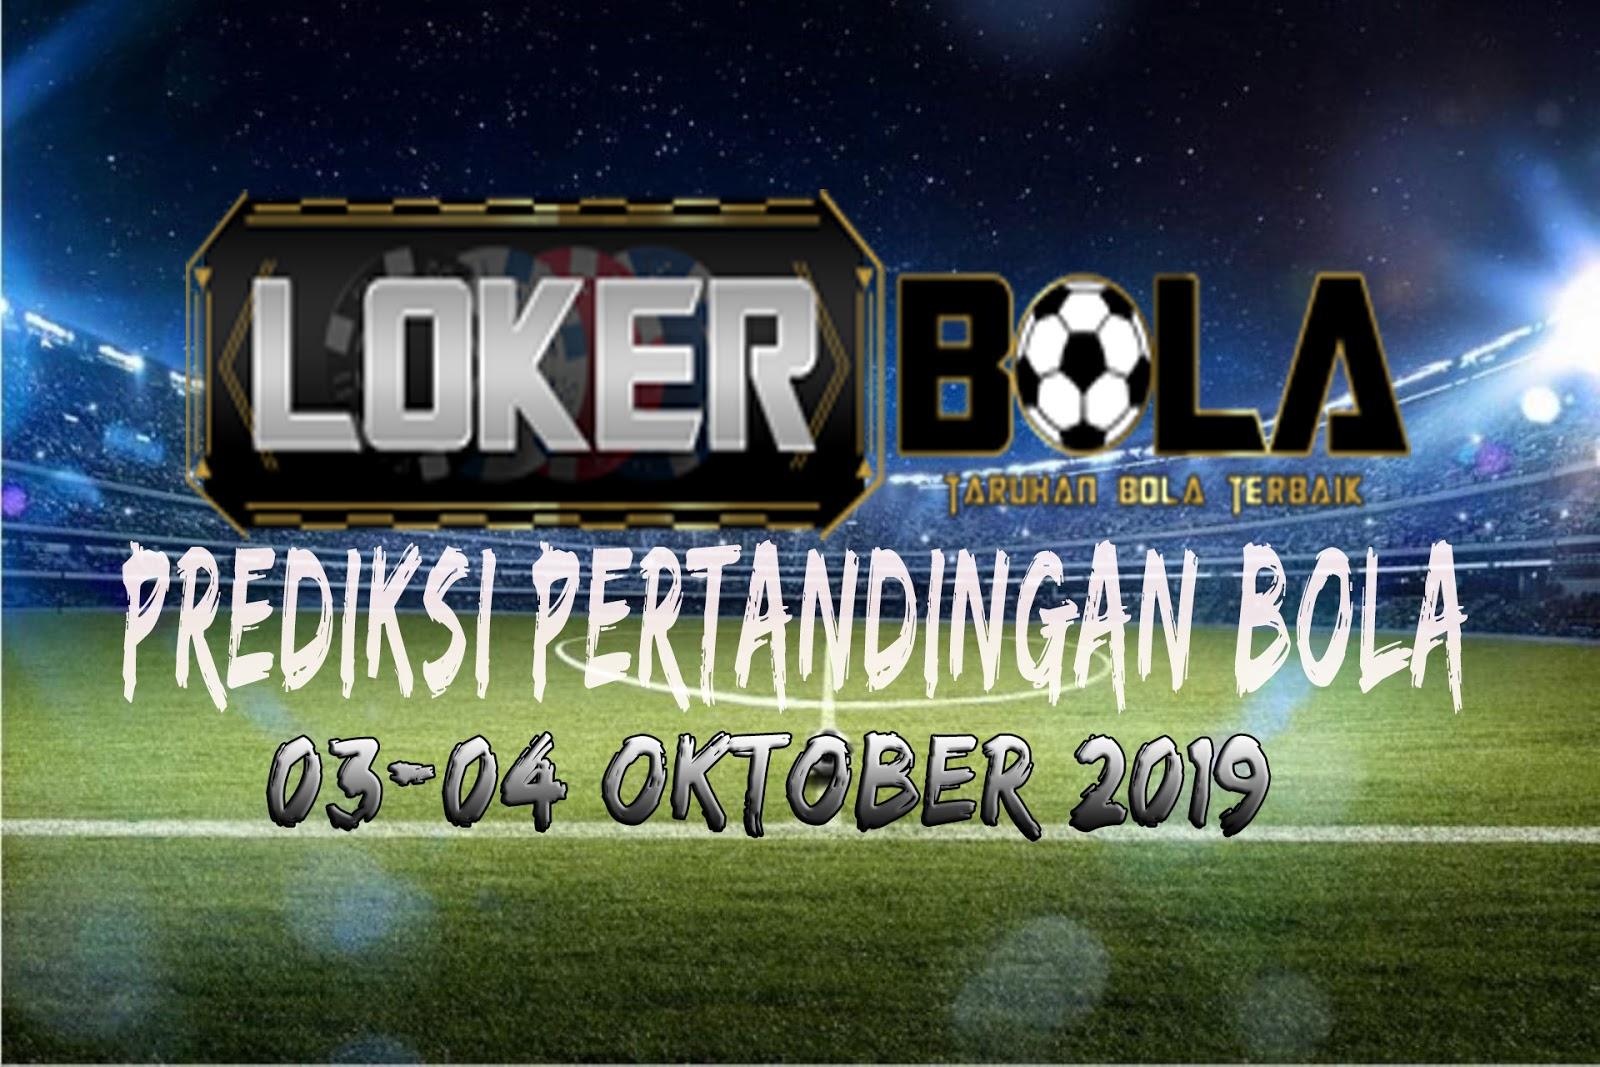 PREDIKSI PERTANDINGAN BOLA 03 – 04 OKTOBER 2019